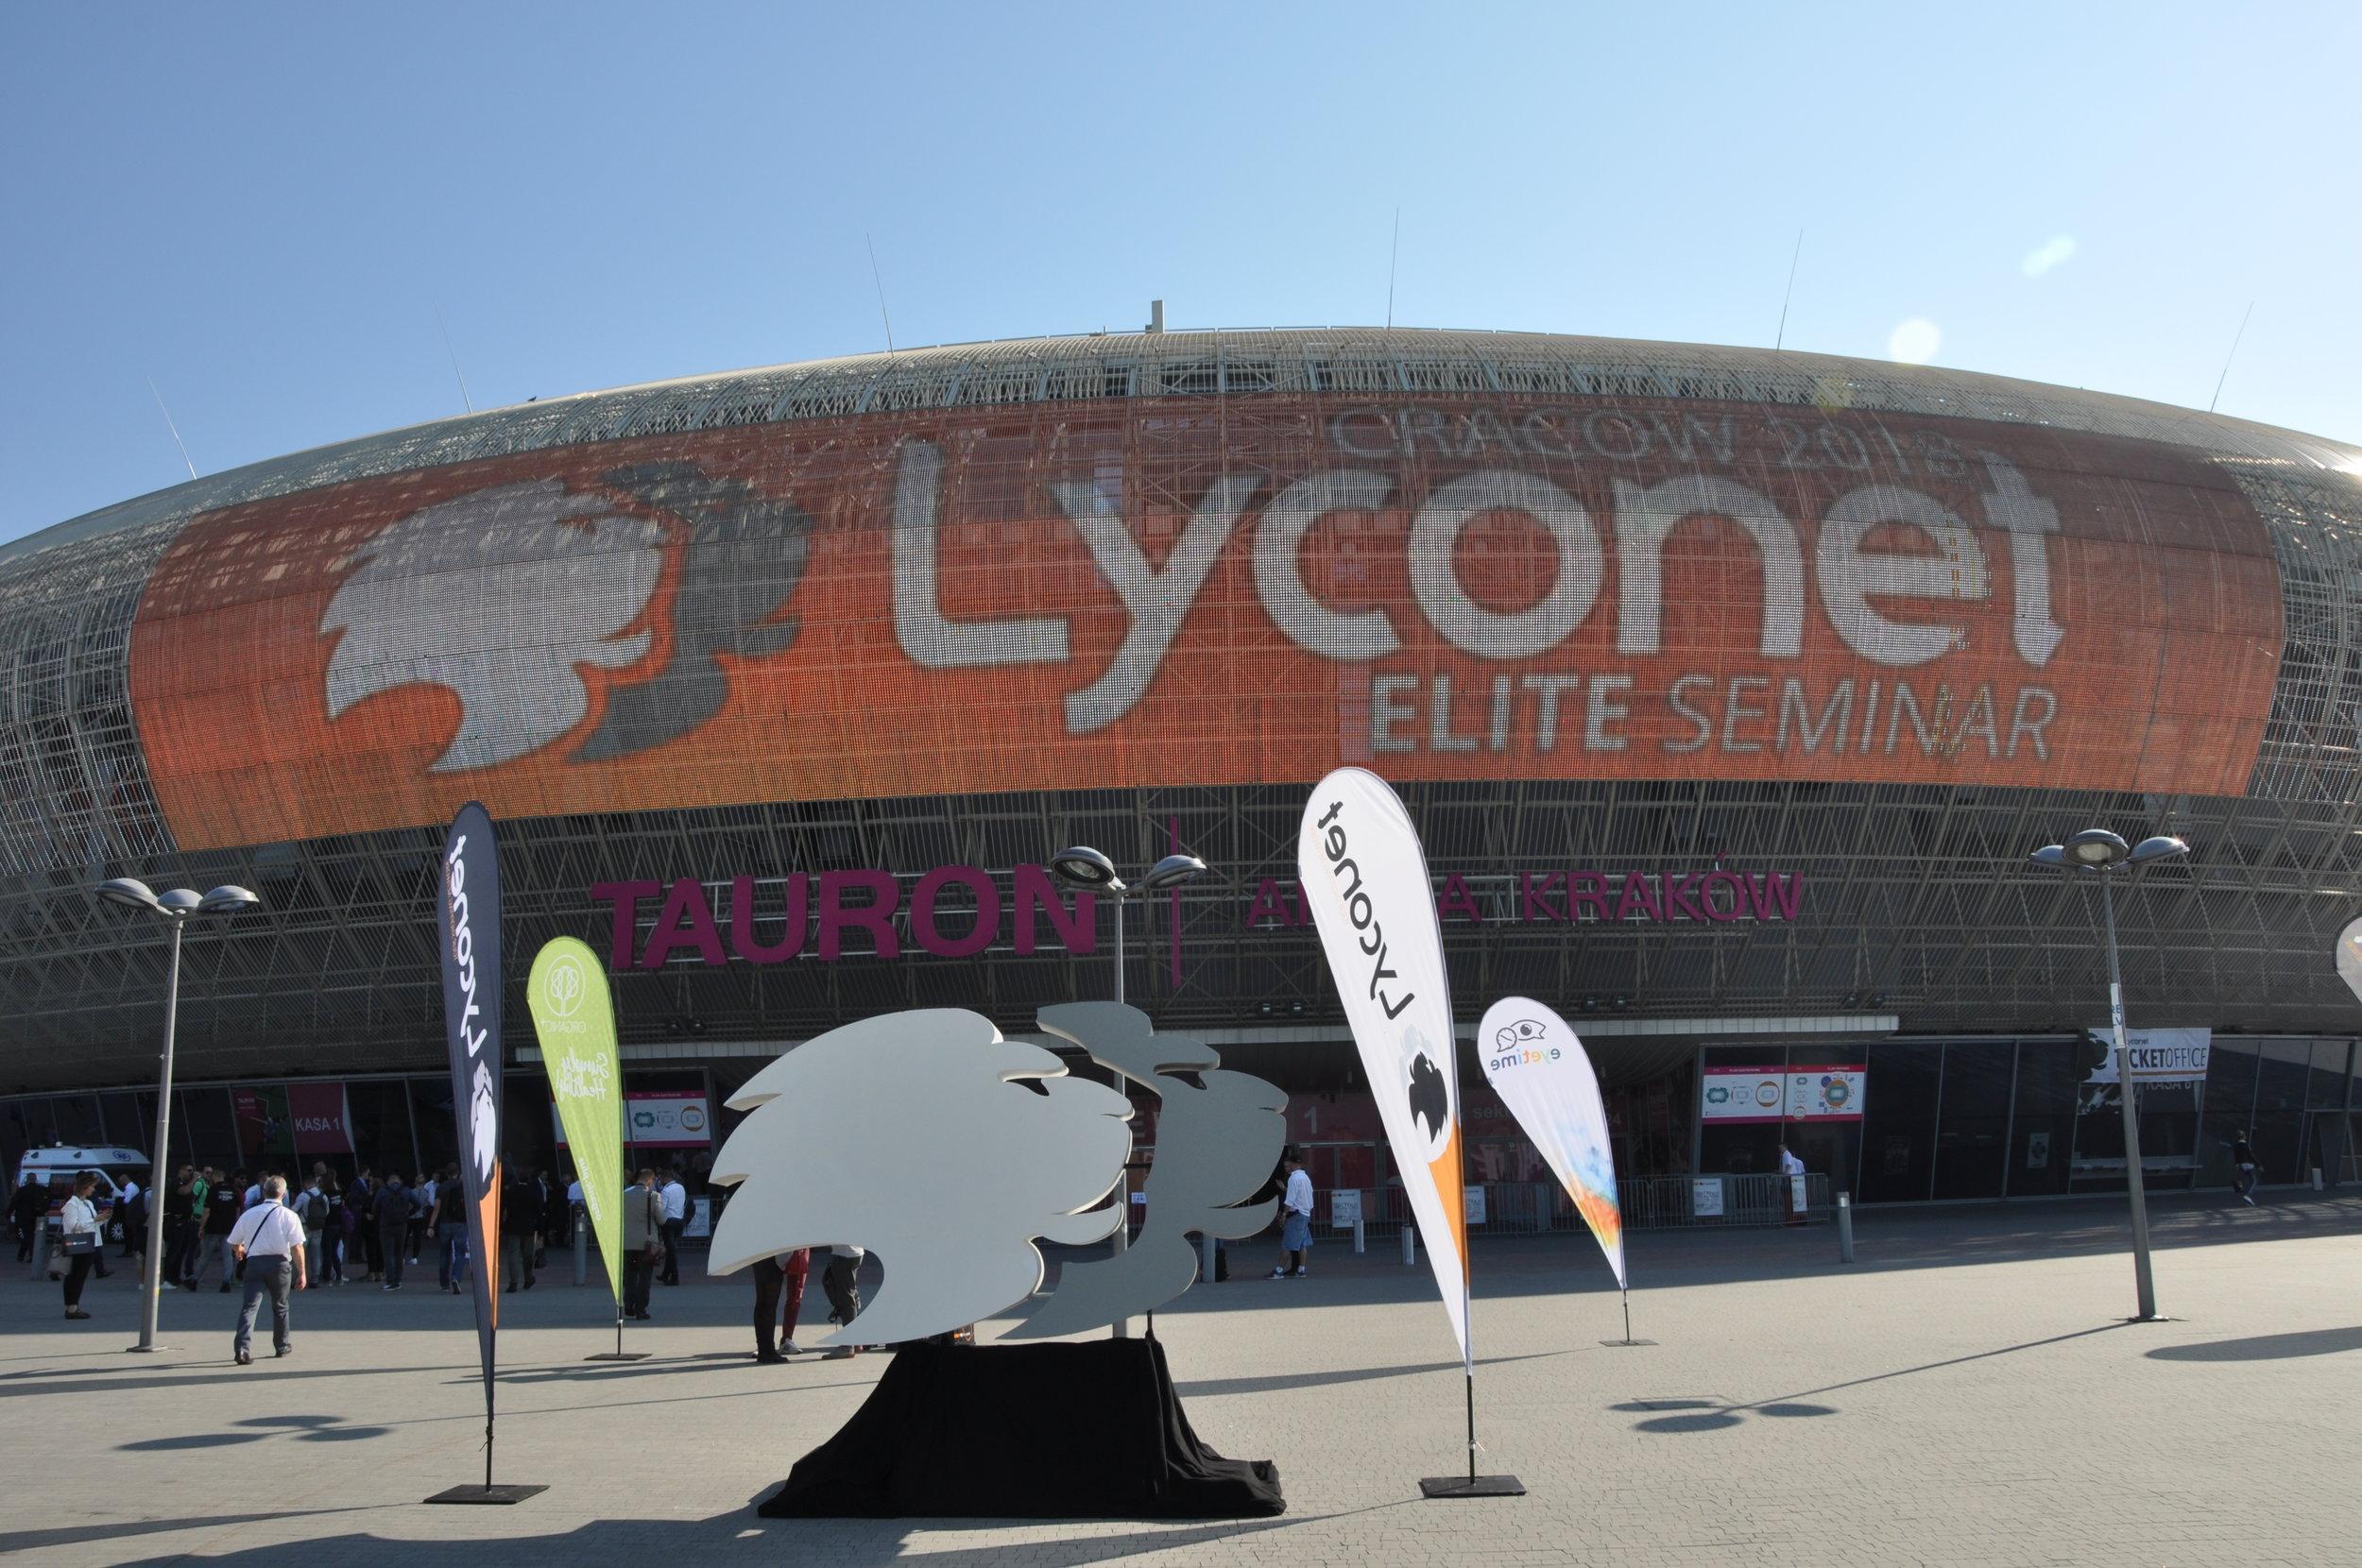 Outside Tauron Arena